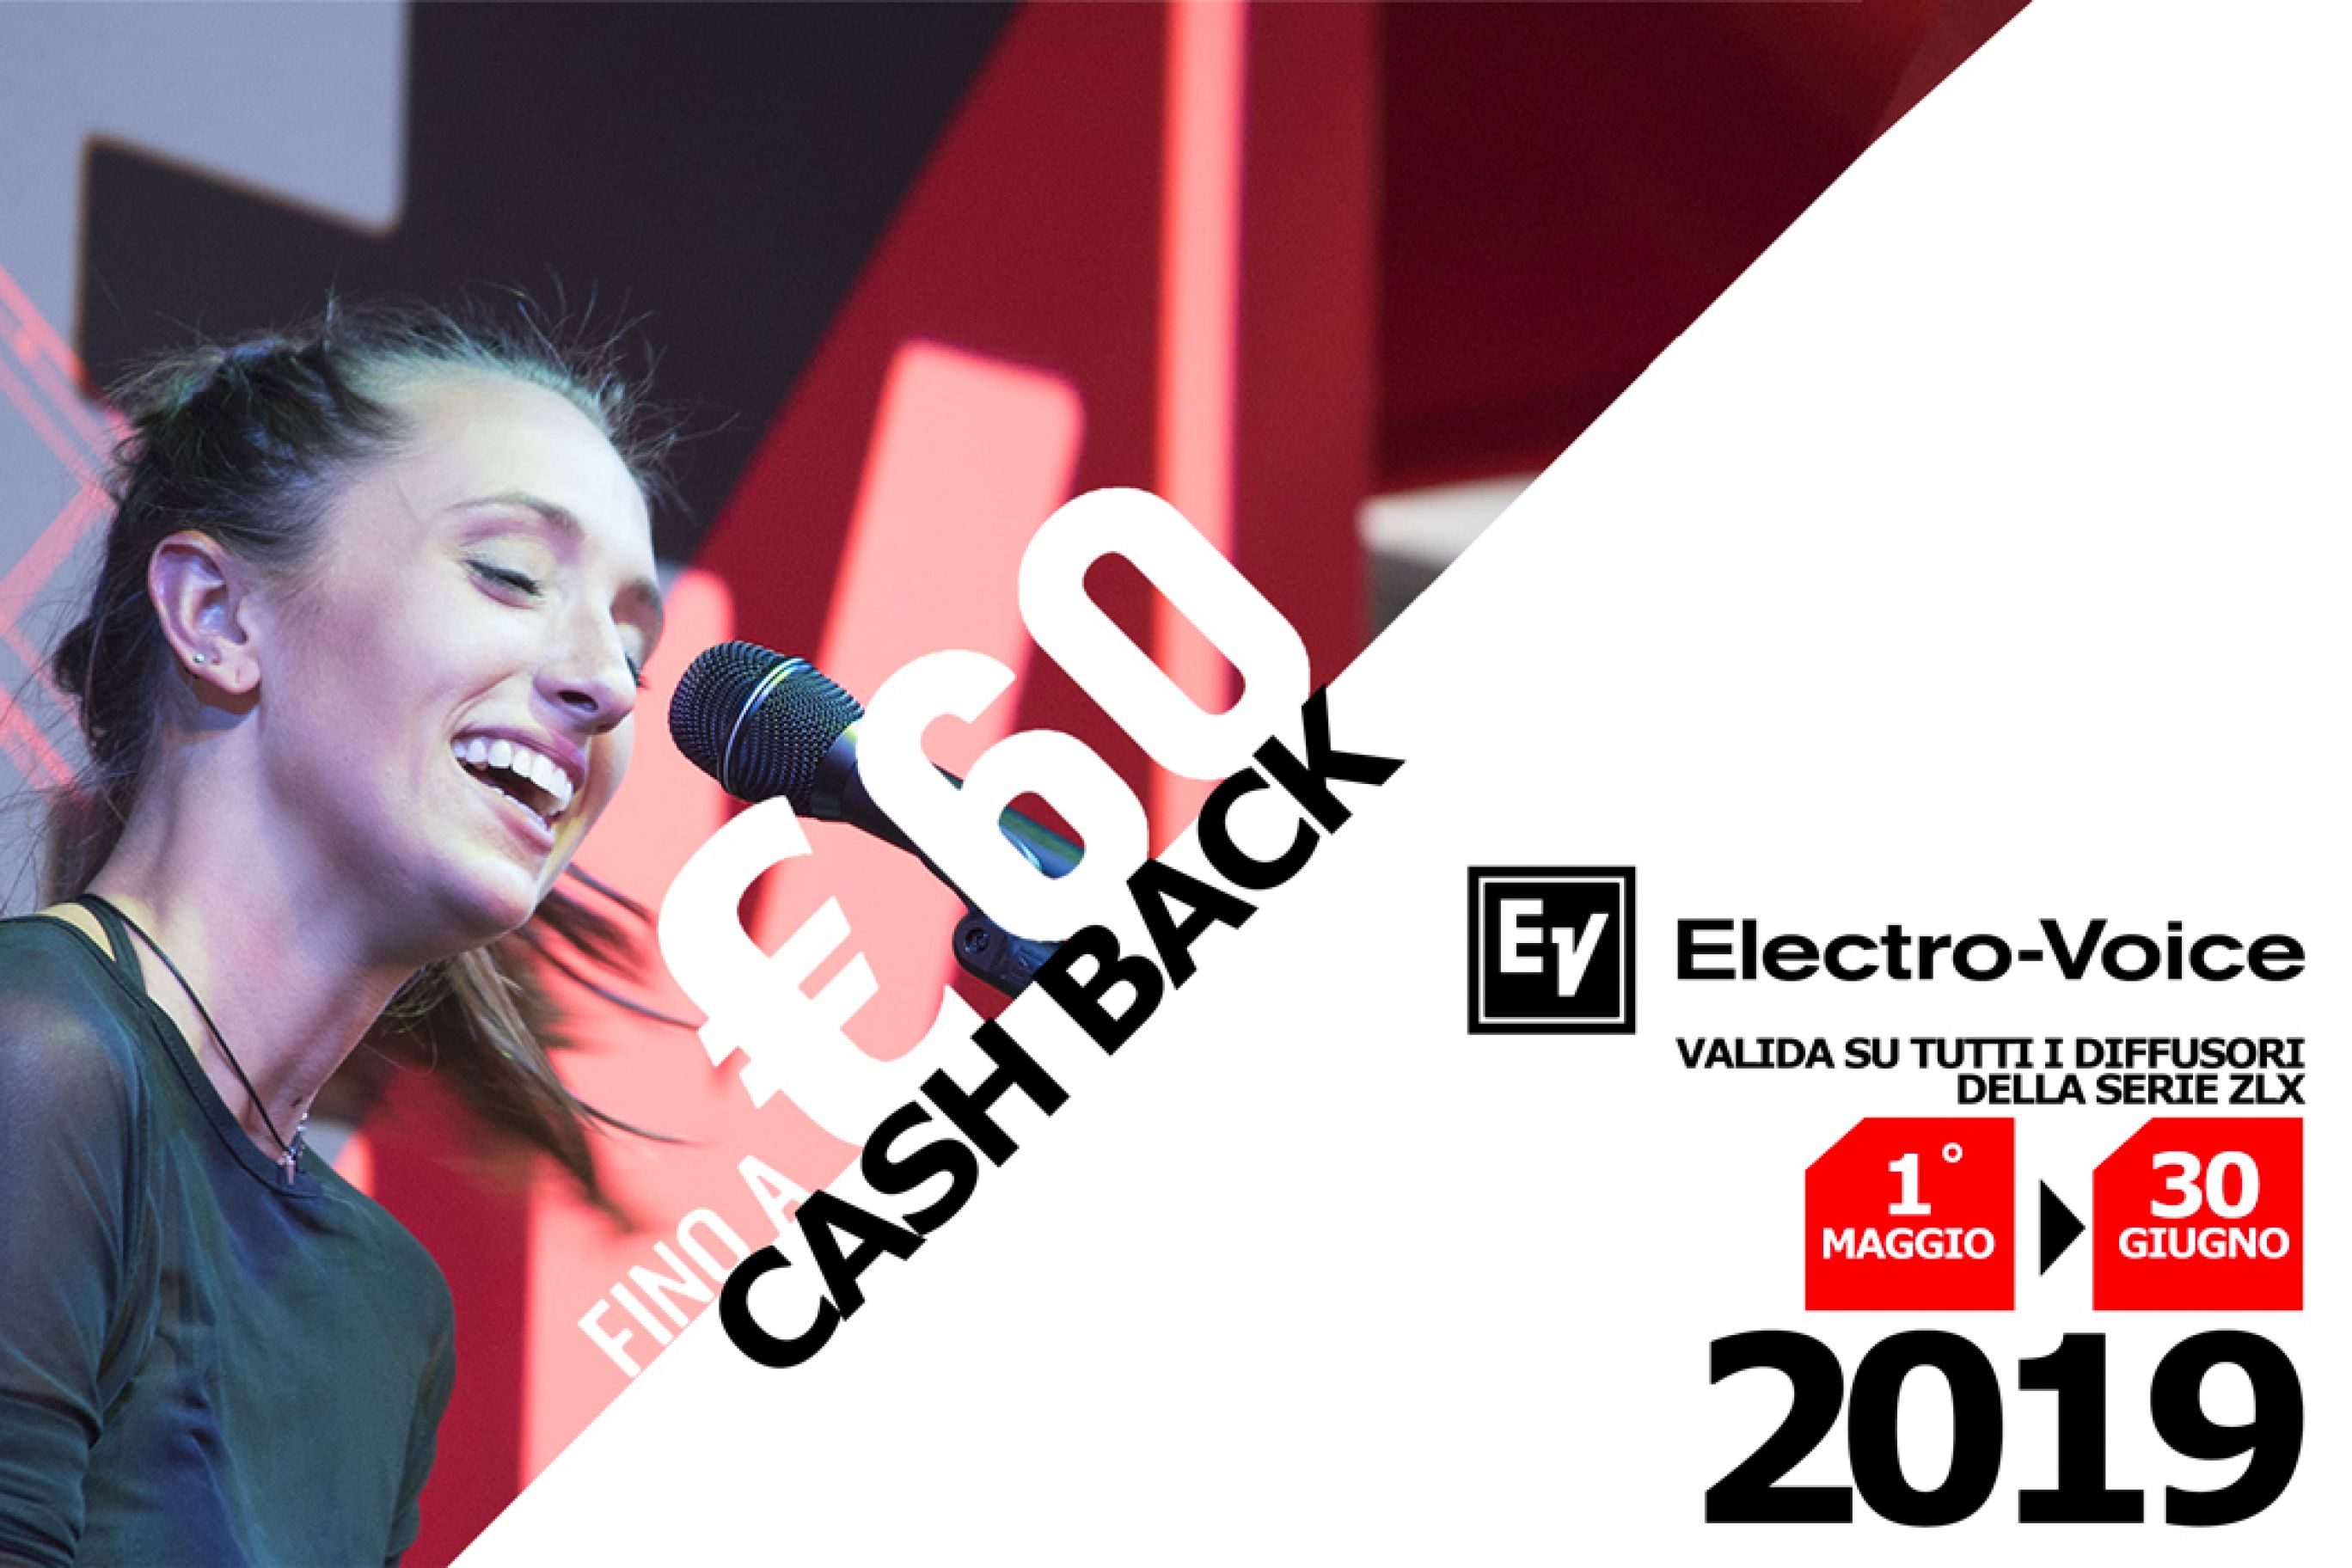 Fino a 60 euro di Rimborso per l'acquisto dei tuoi nuovi diffusori Electro Voice ZLX